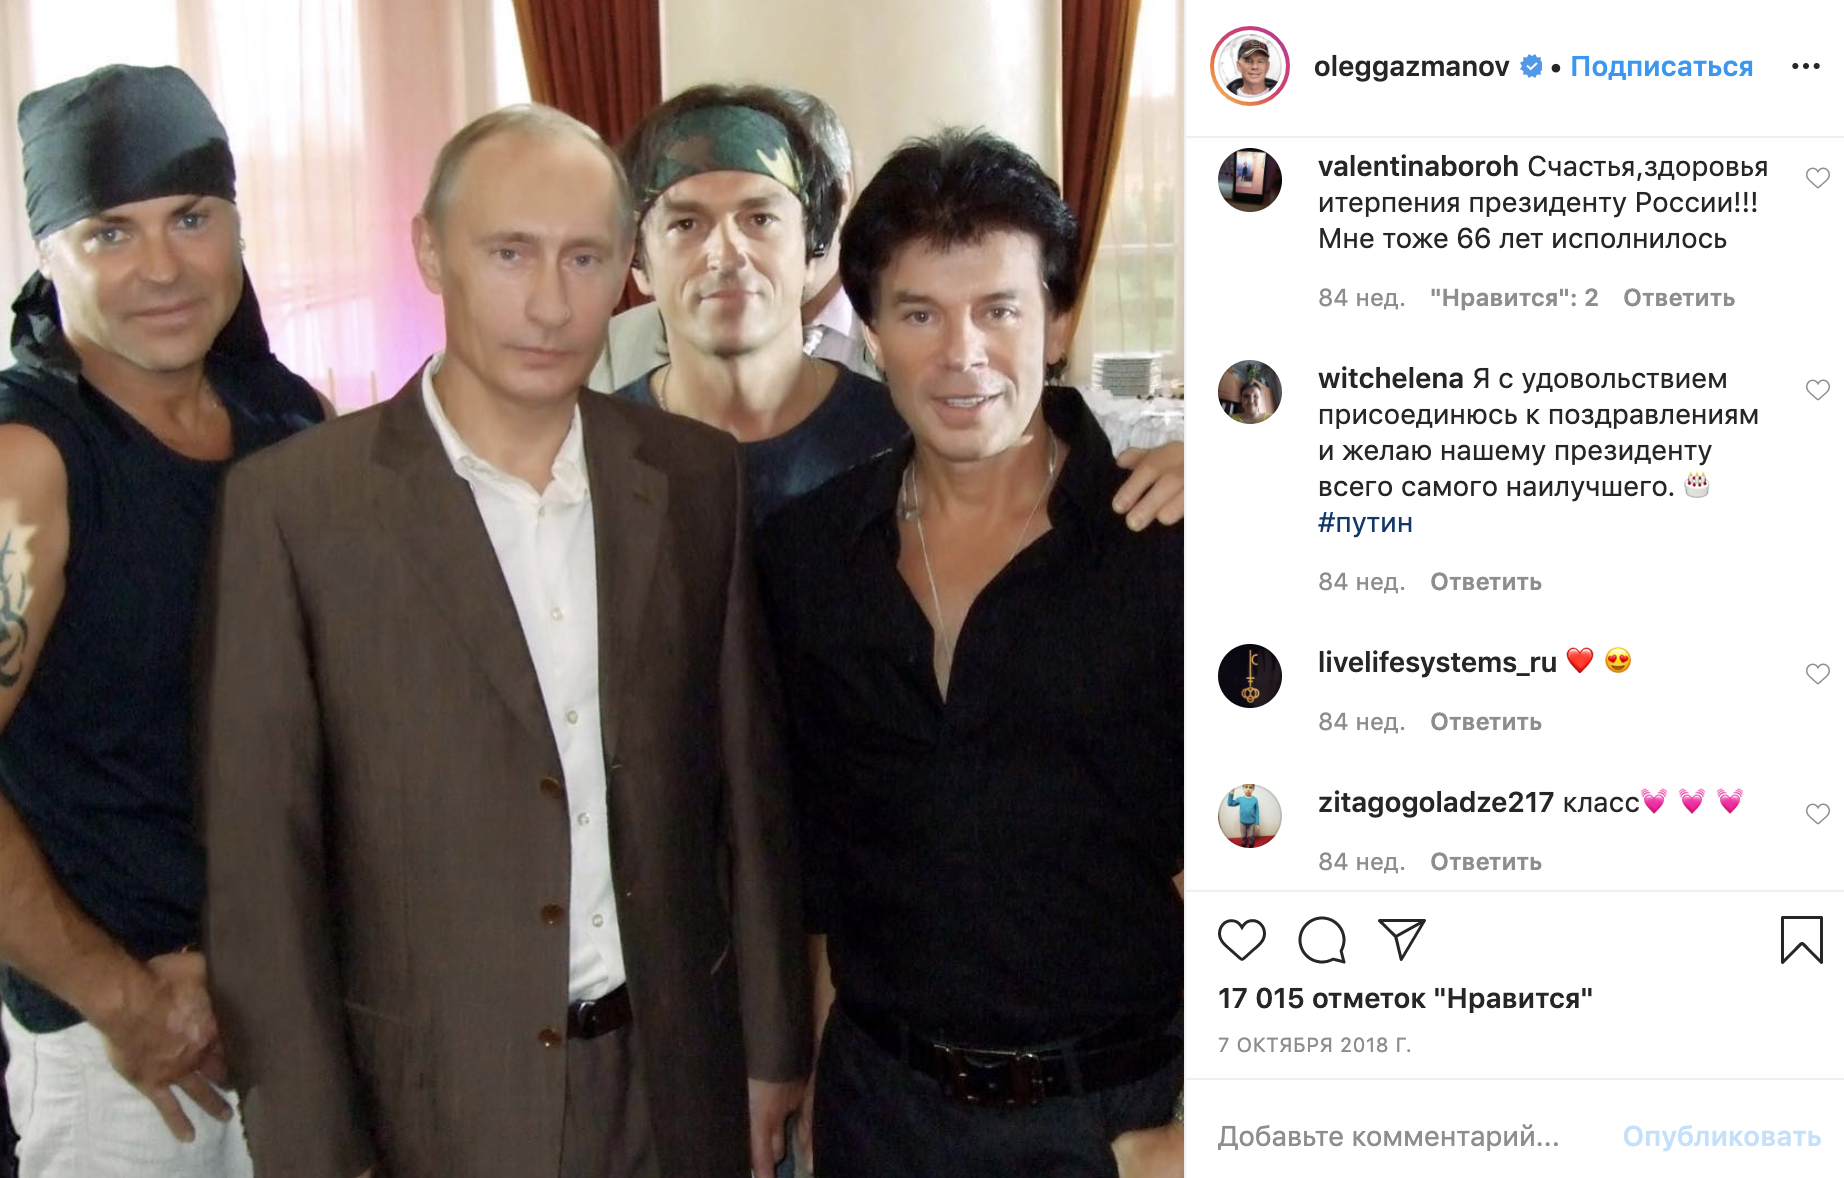 Олег Газманов и президент В.В.Путин